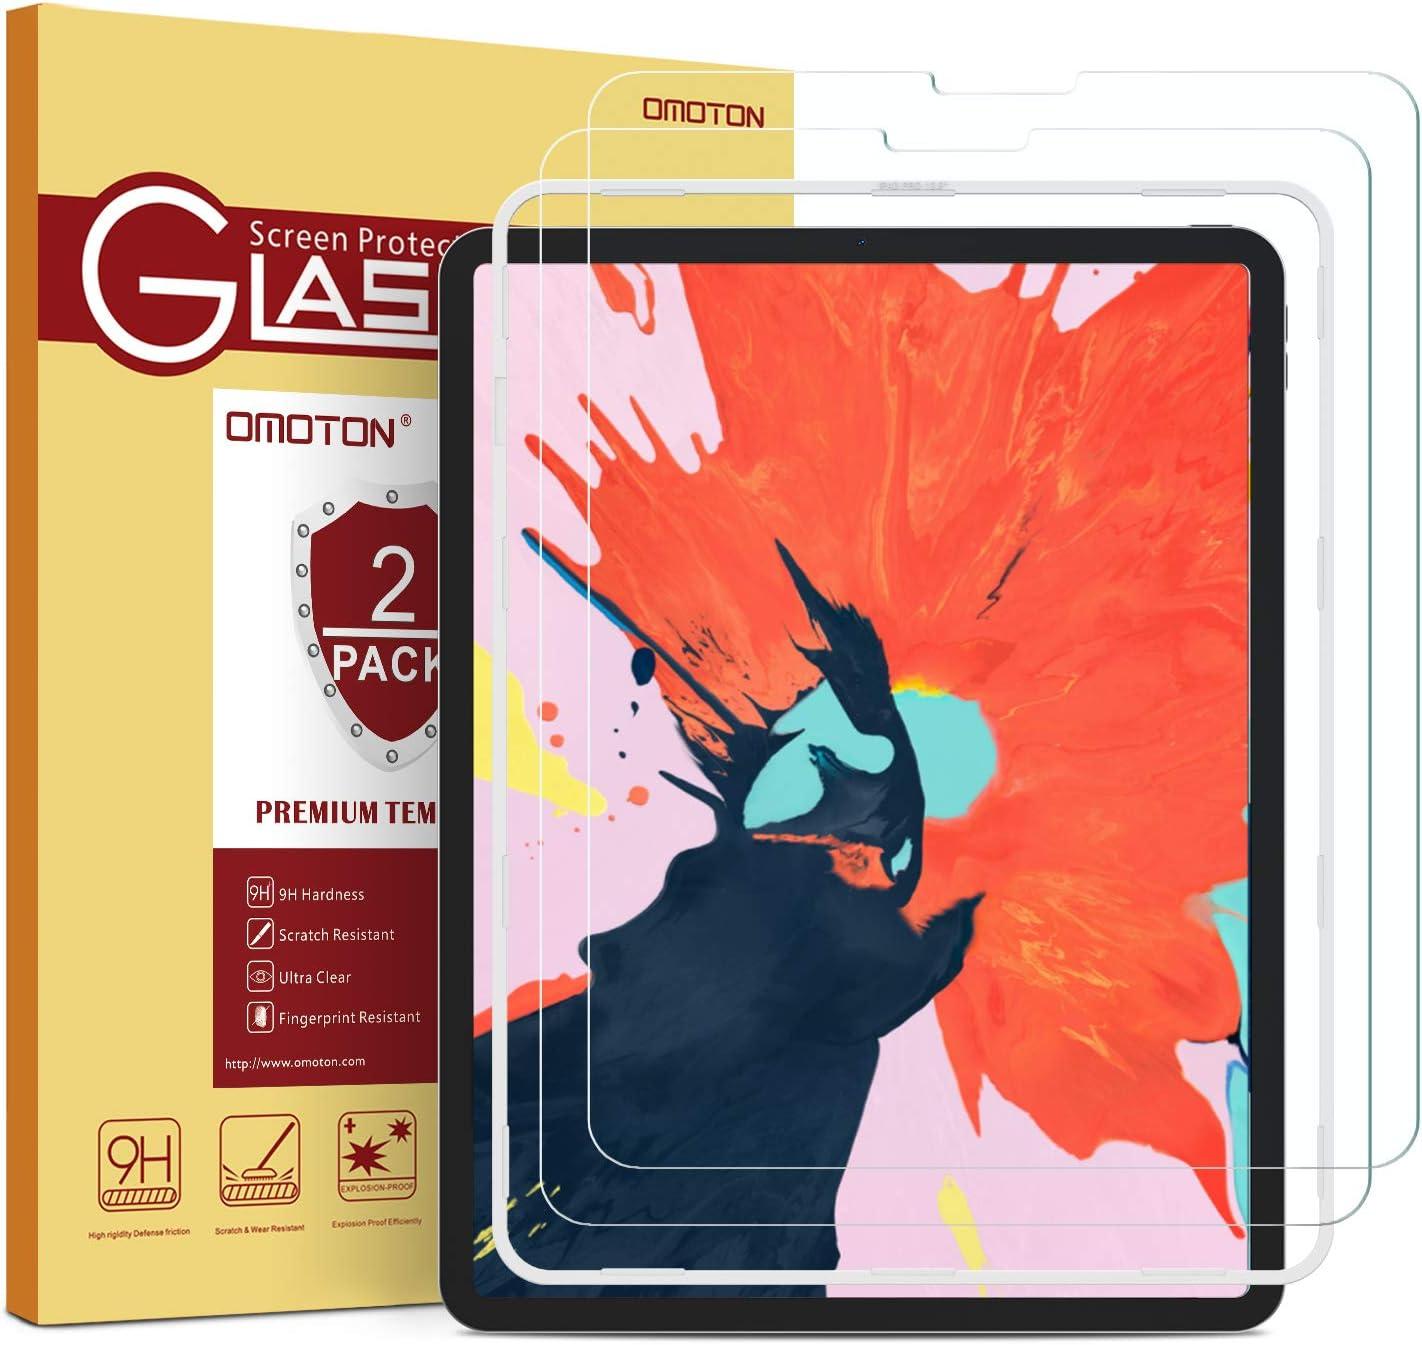 OMOTON Protector Pantalla iPad Pro 12.9 2020 Cristal Templado iPad Pro 12.9 2018, 2.5D - 9H, Hueco Forma U, 12.9 Pulgadas, 2 Piezas